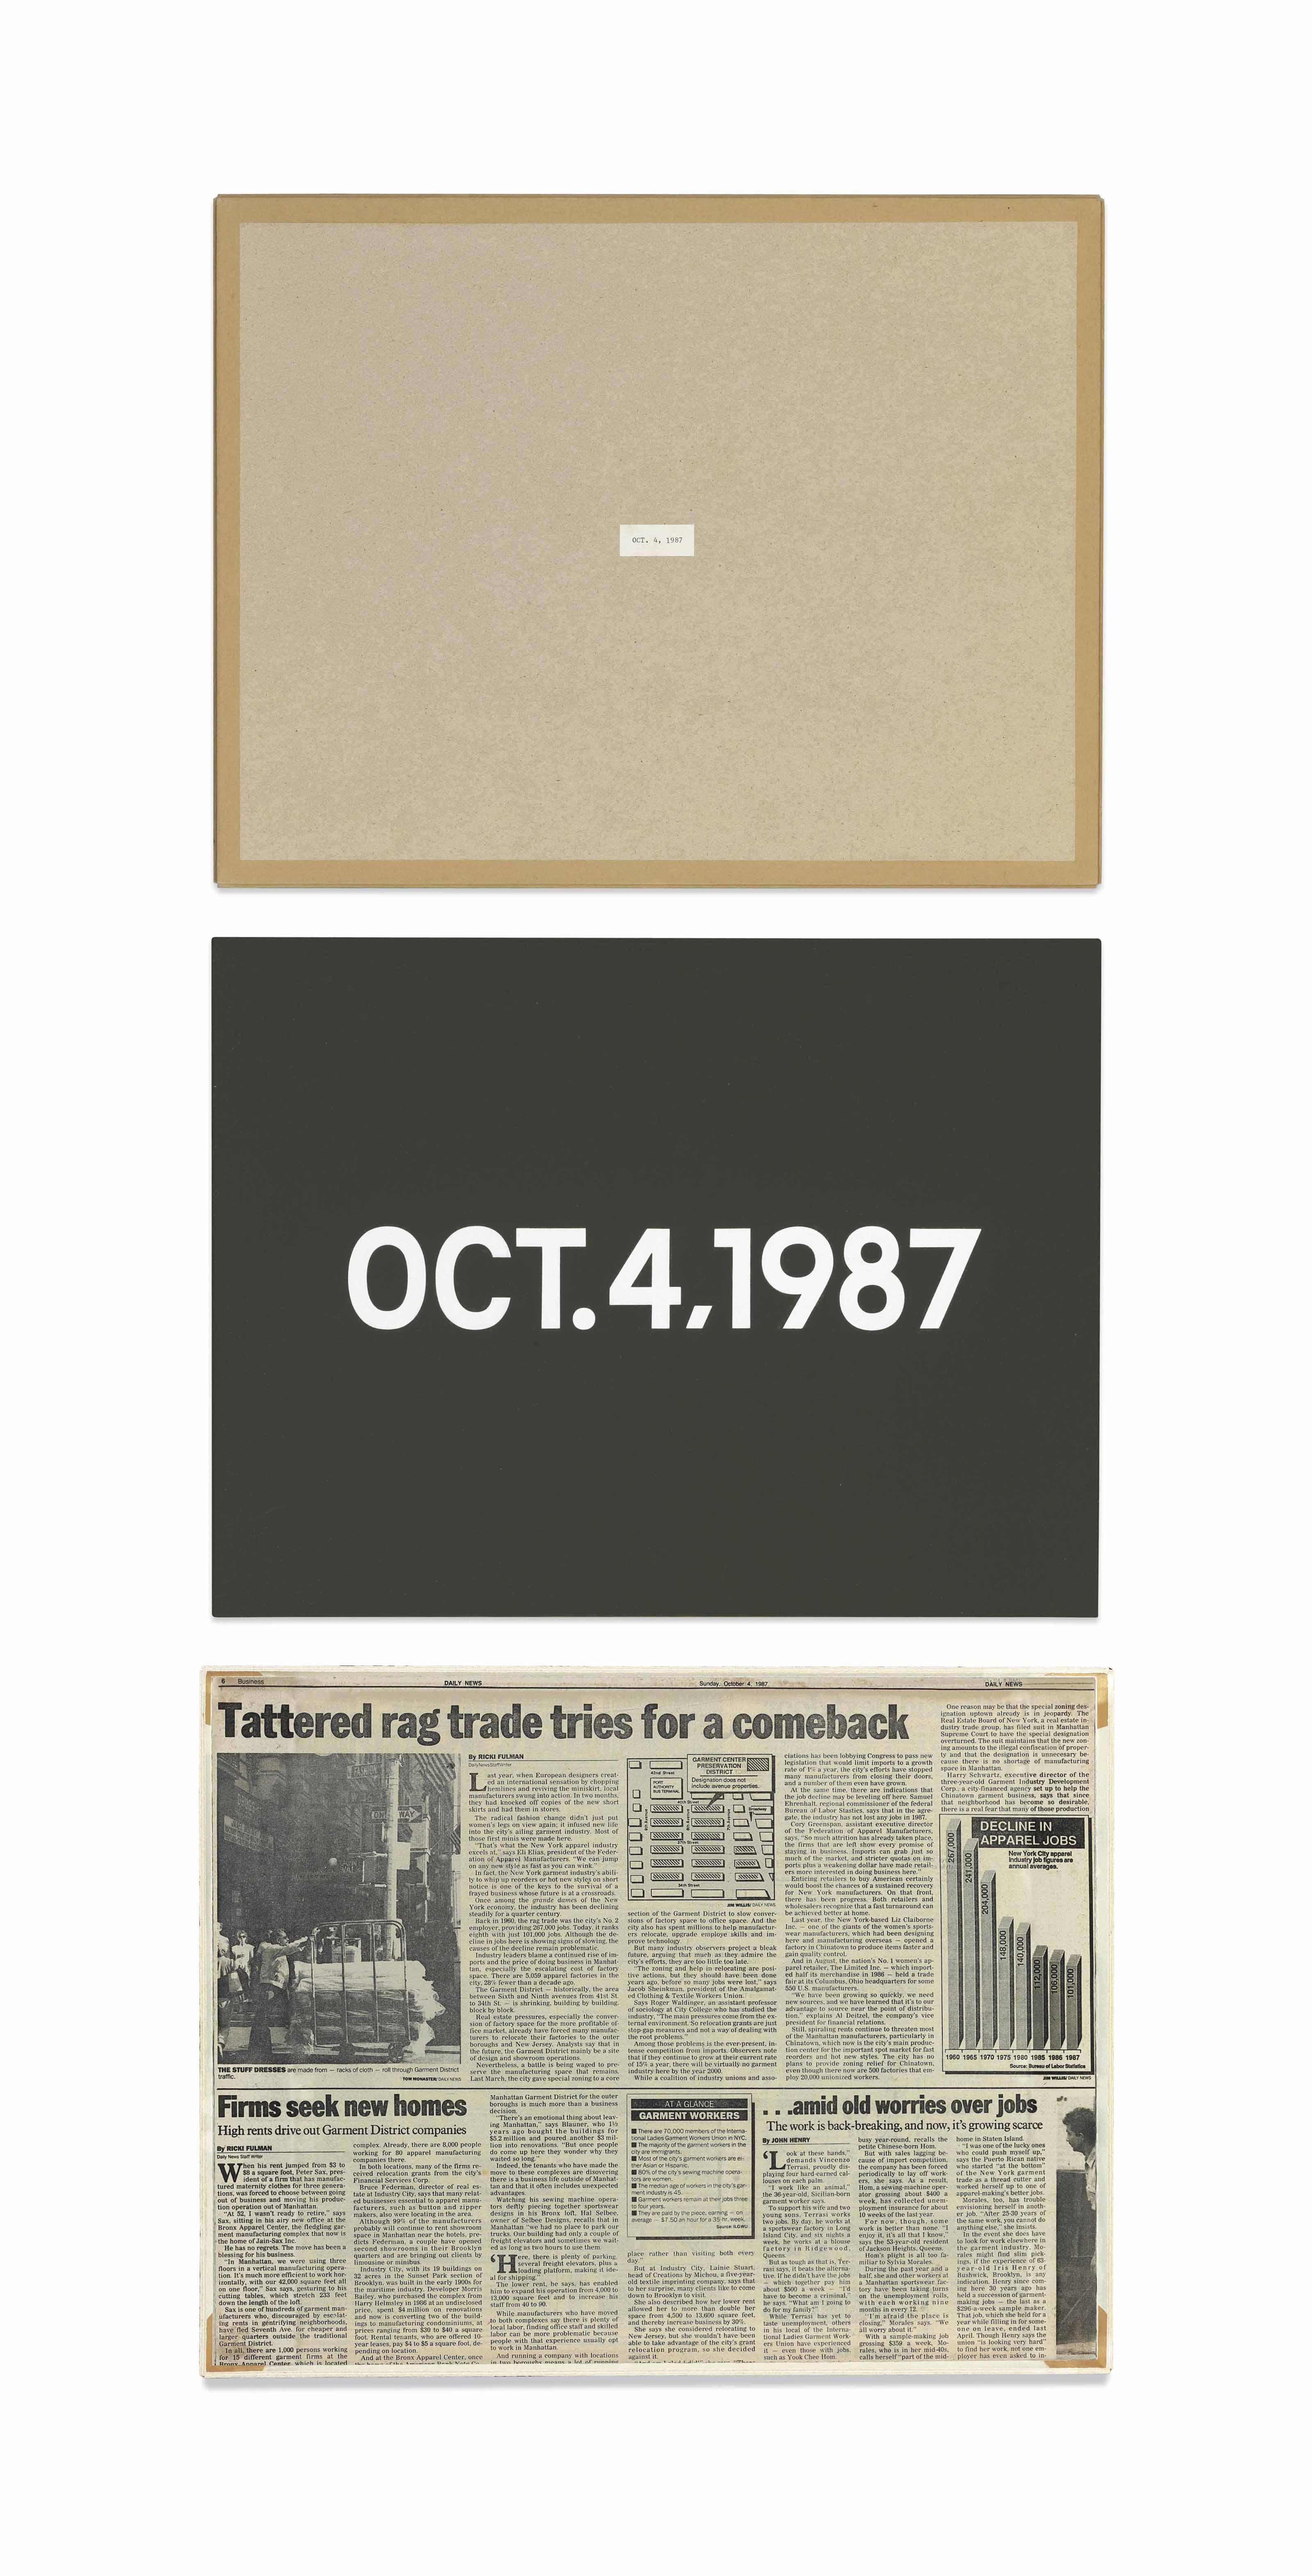 OCT. 4, 1987